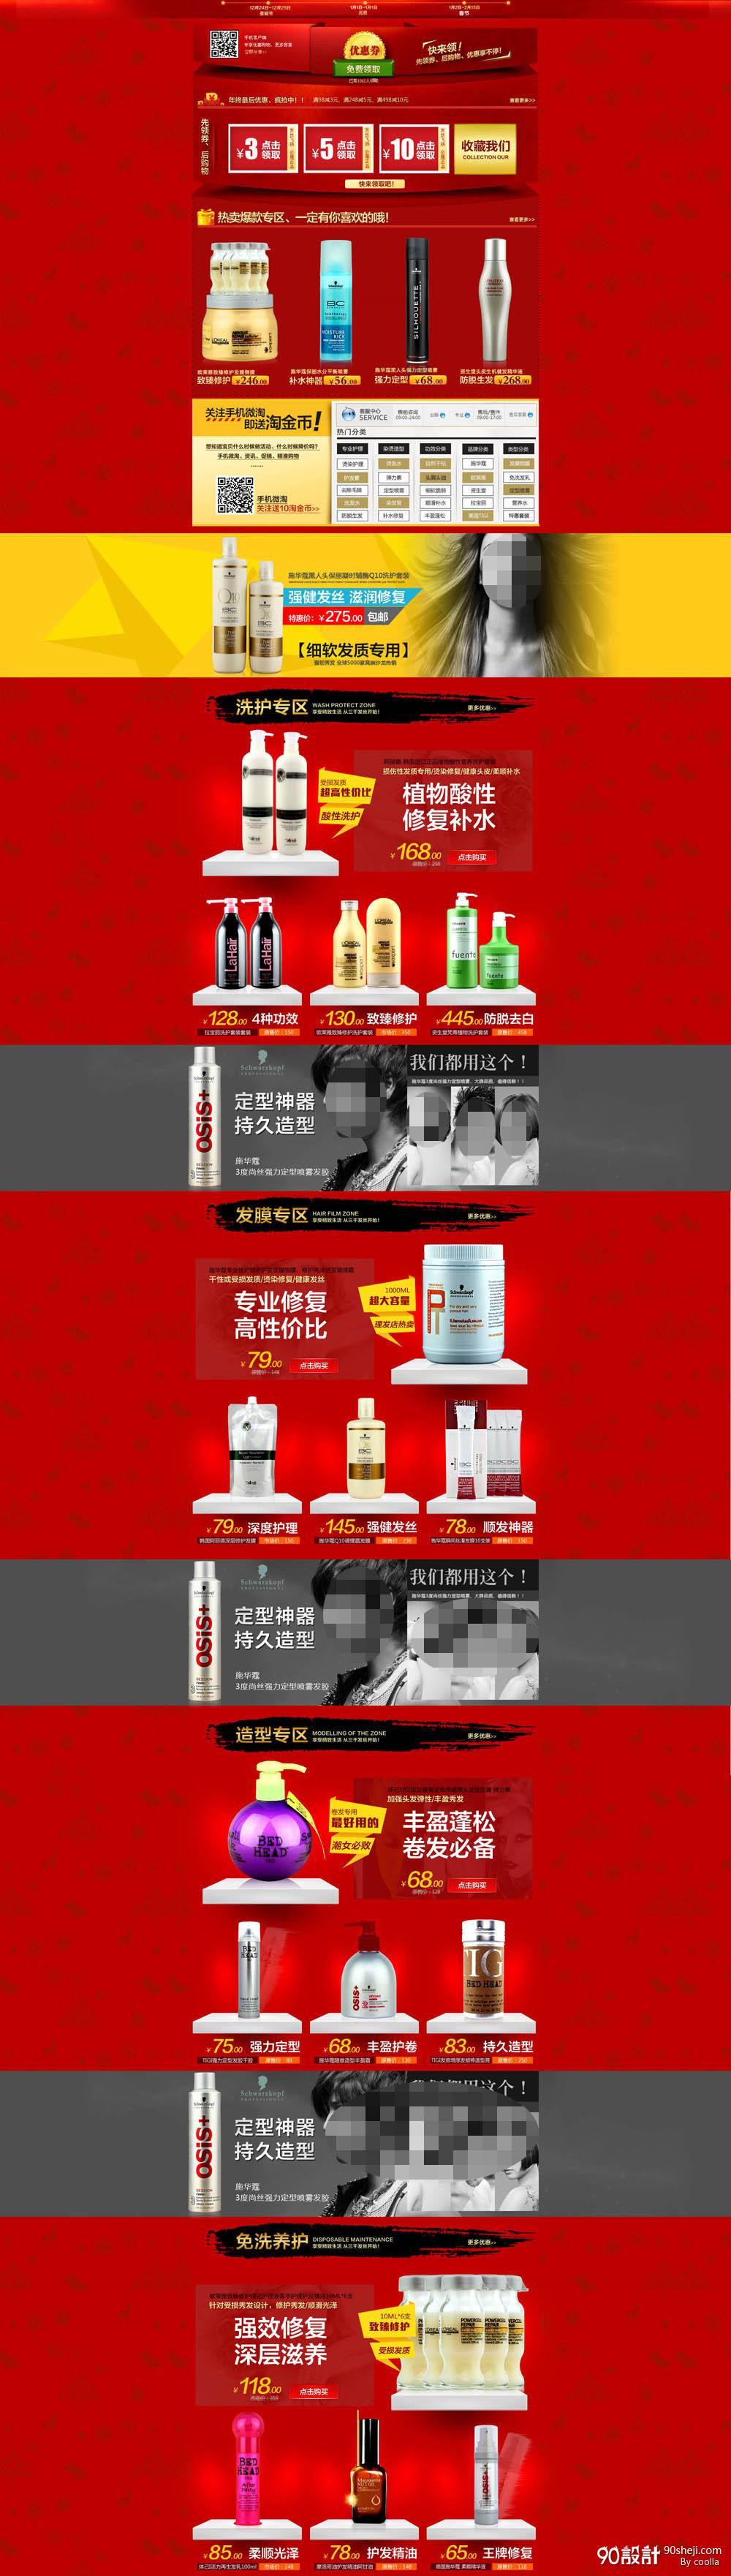 2015新年淘宝化妆品psd素材图